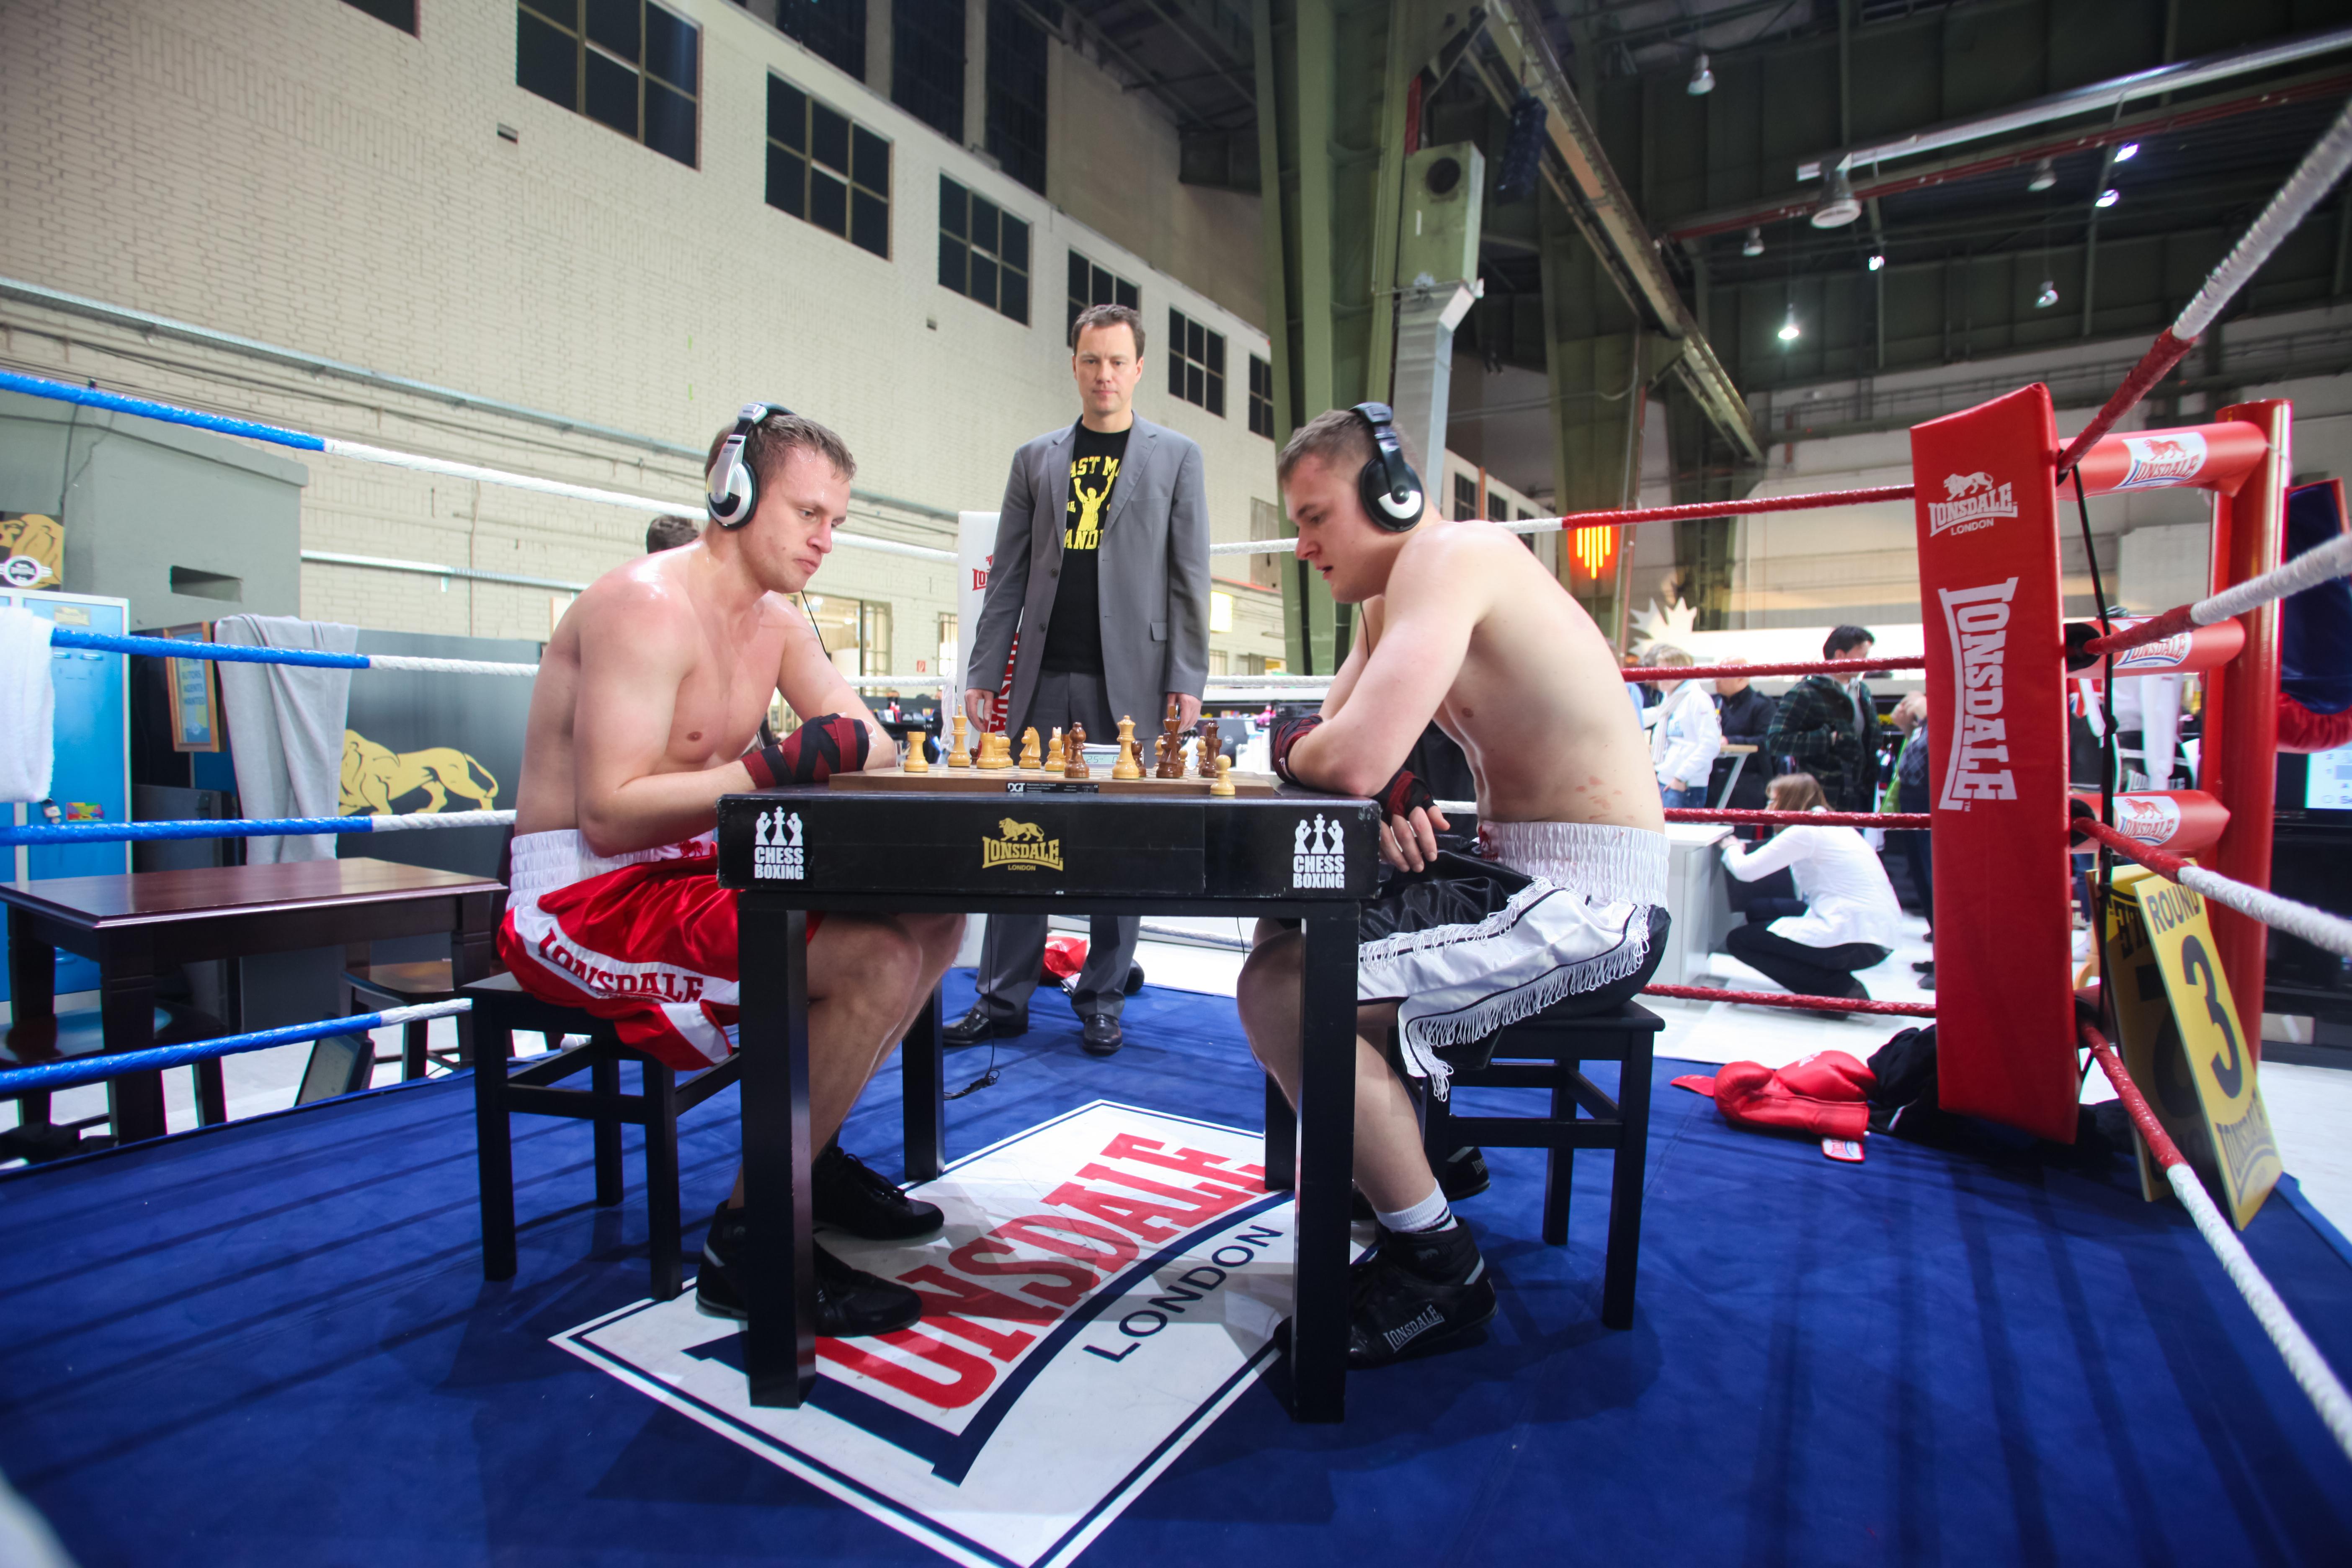 Chessboxing tournament